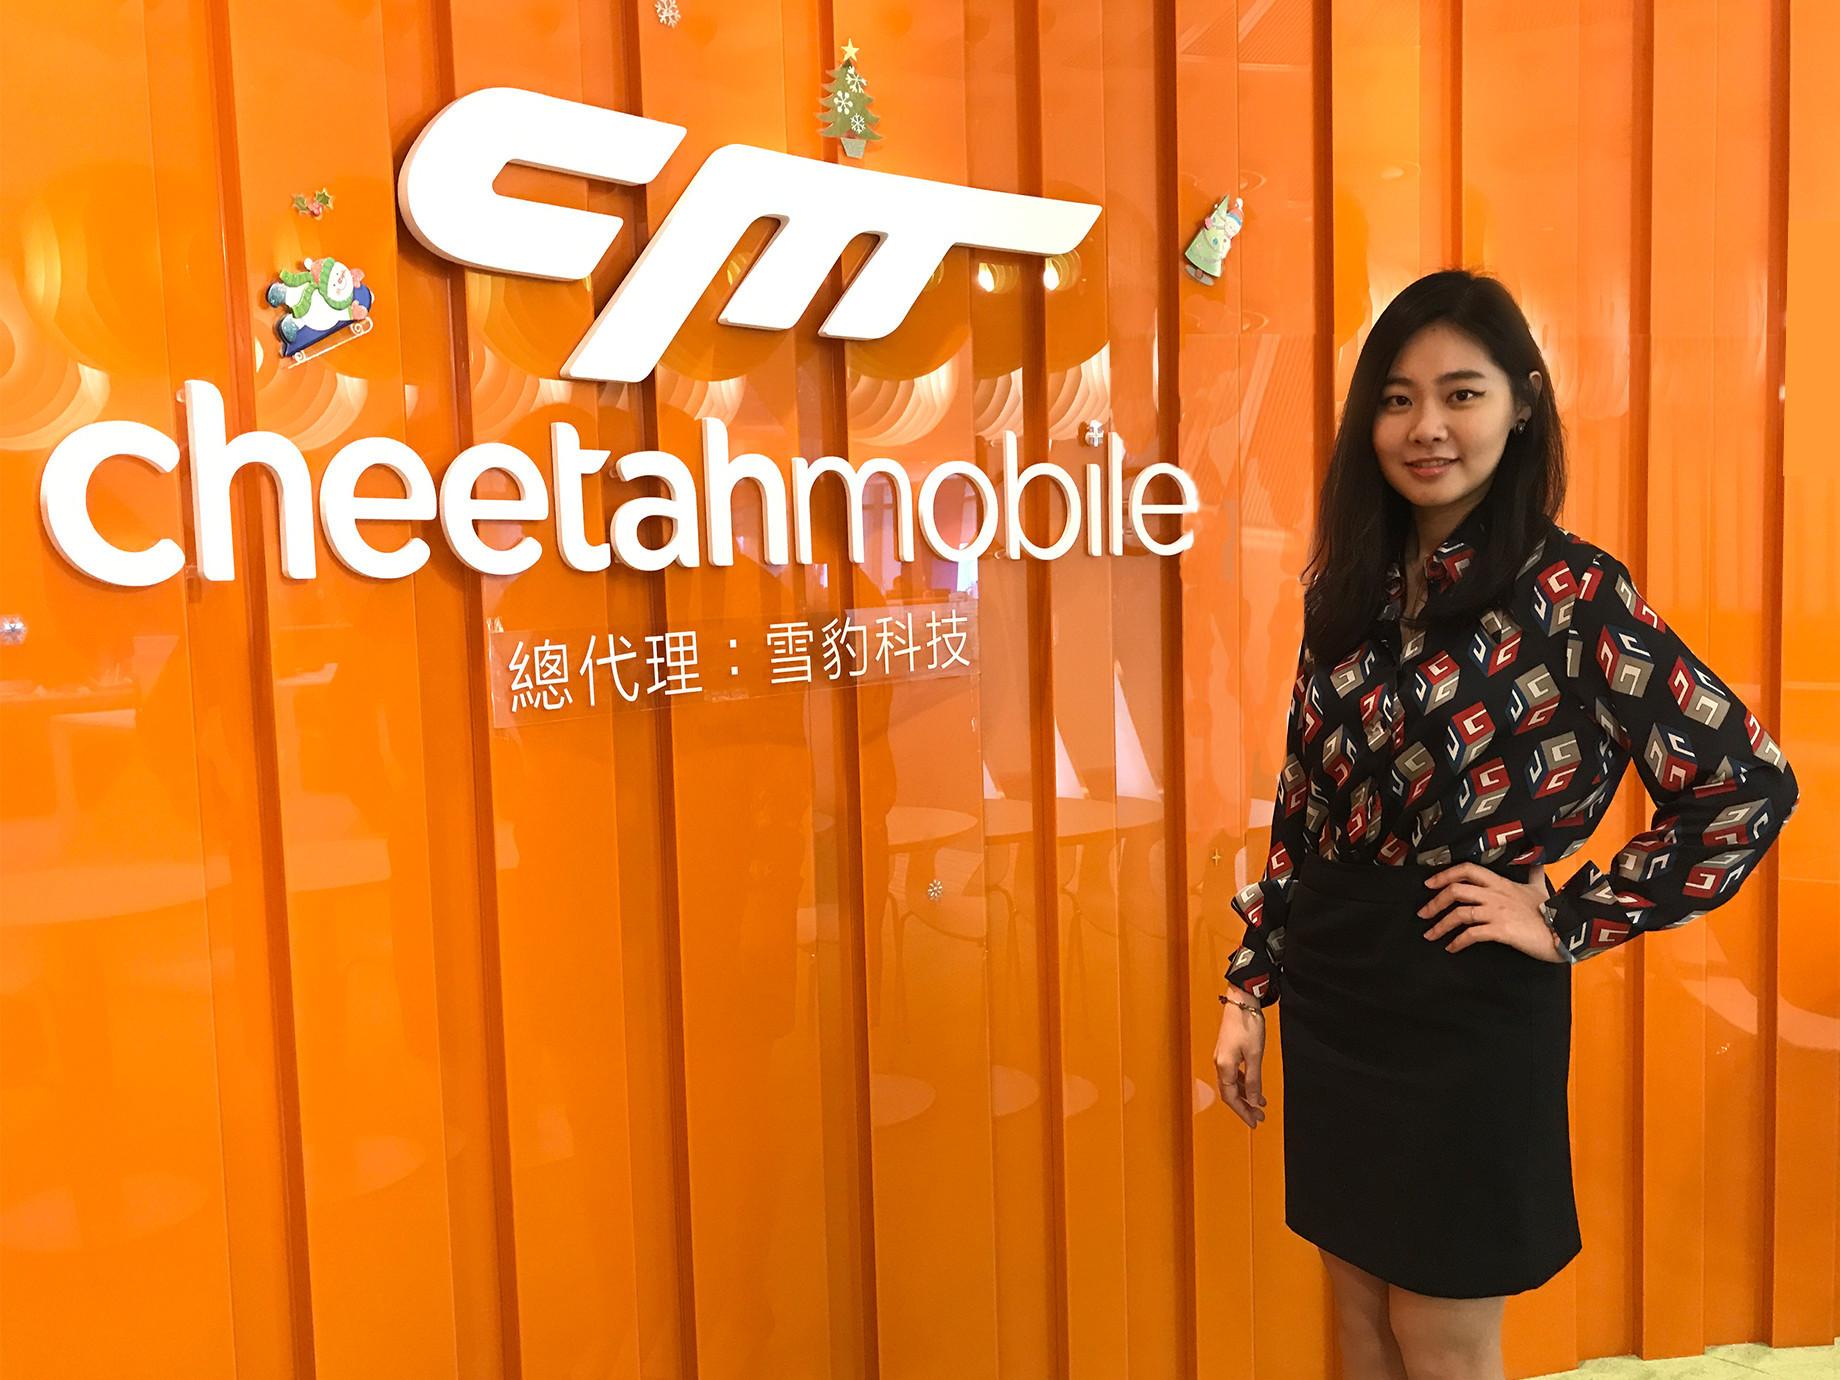 工作分享》陳俞安(雪豹科技商務拓展經理):網路變化快,接受挑戰不拘泥過去的美好